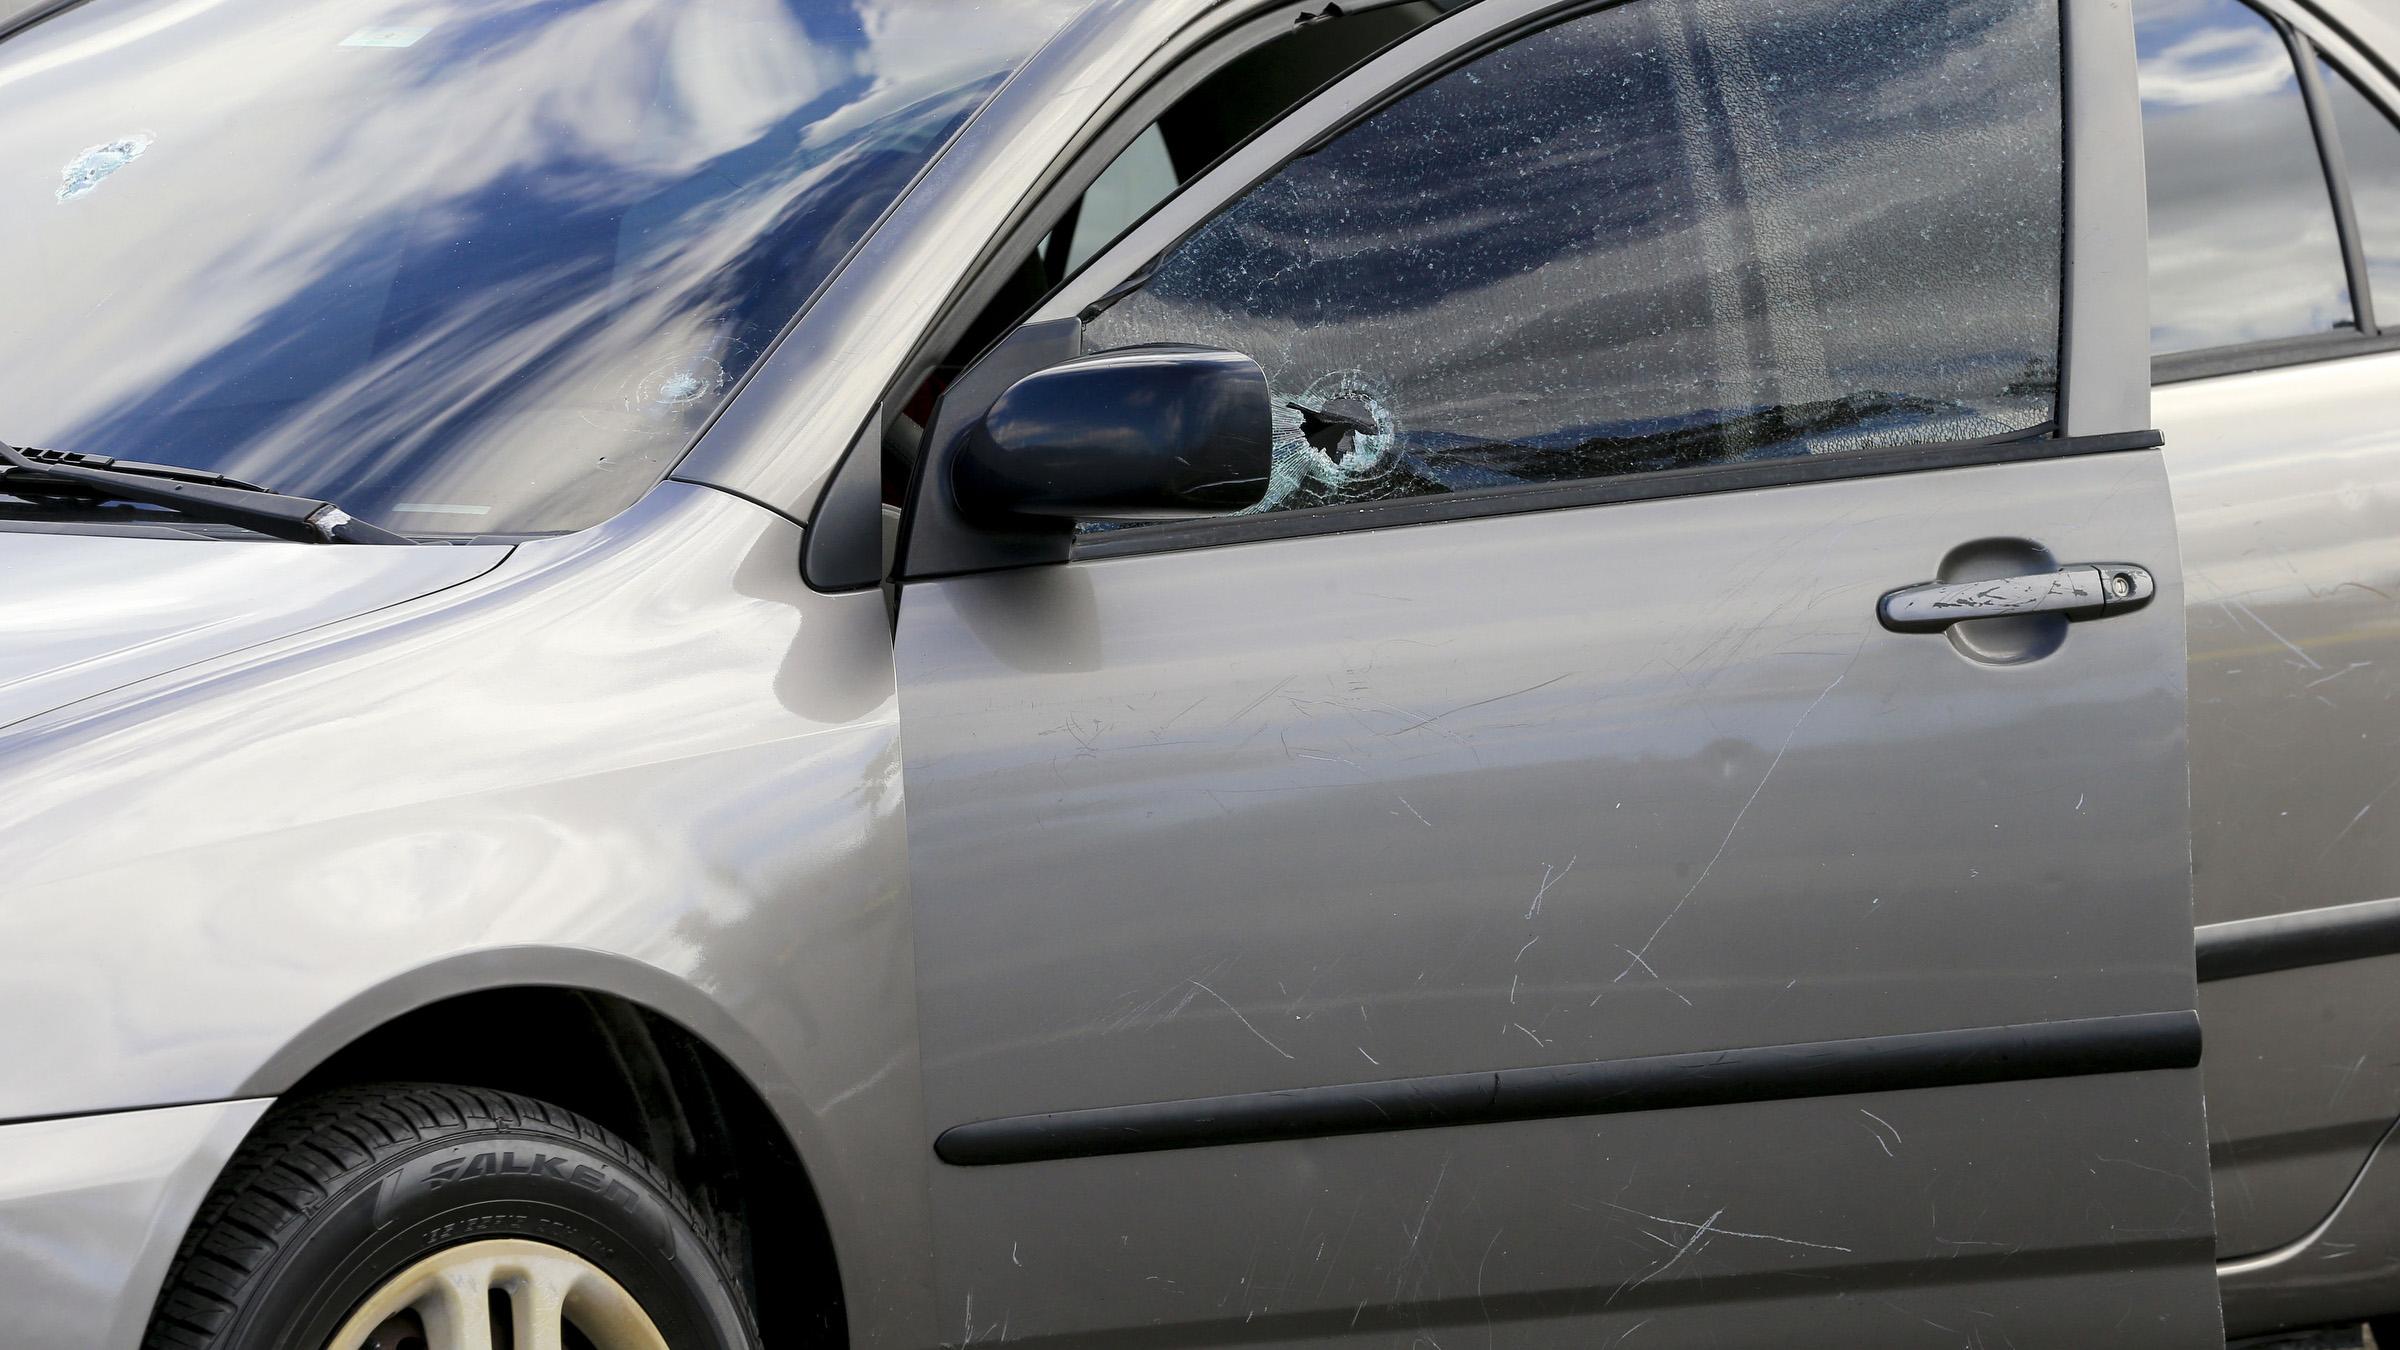 Encuentran dos personas baleadas dentro de un vehículo en Plaza Carolina